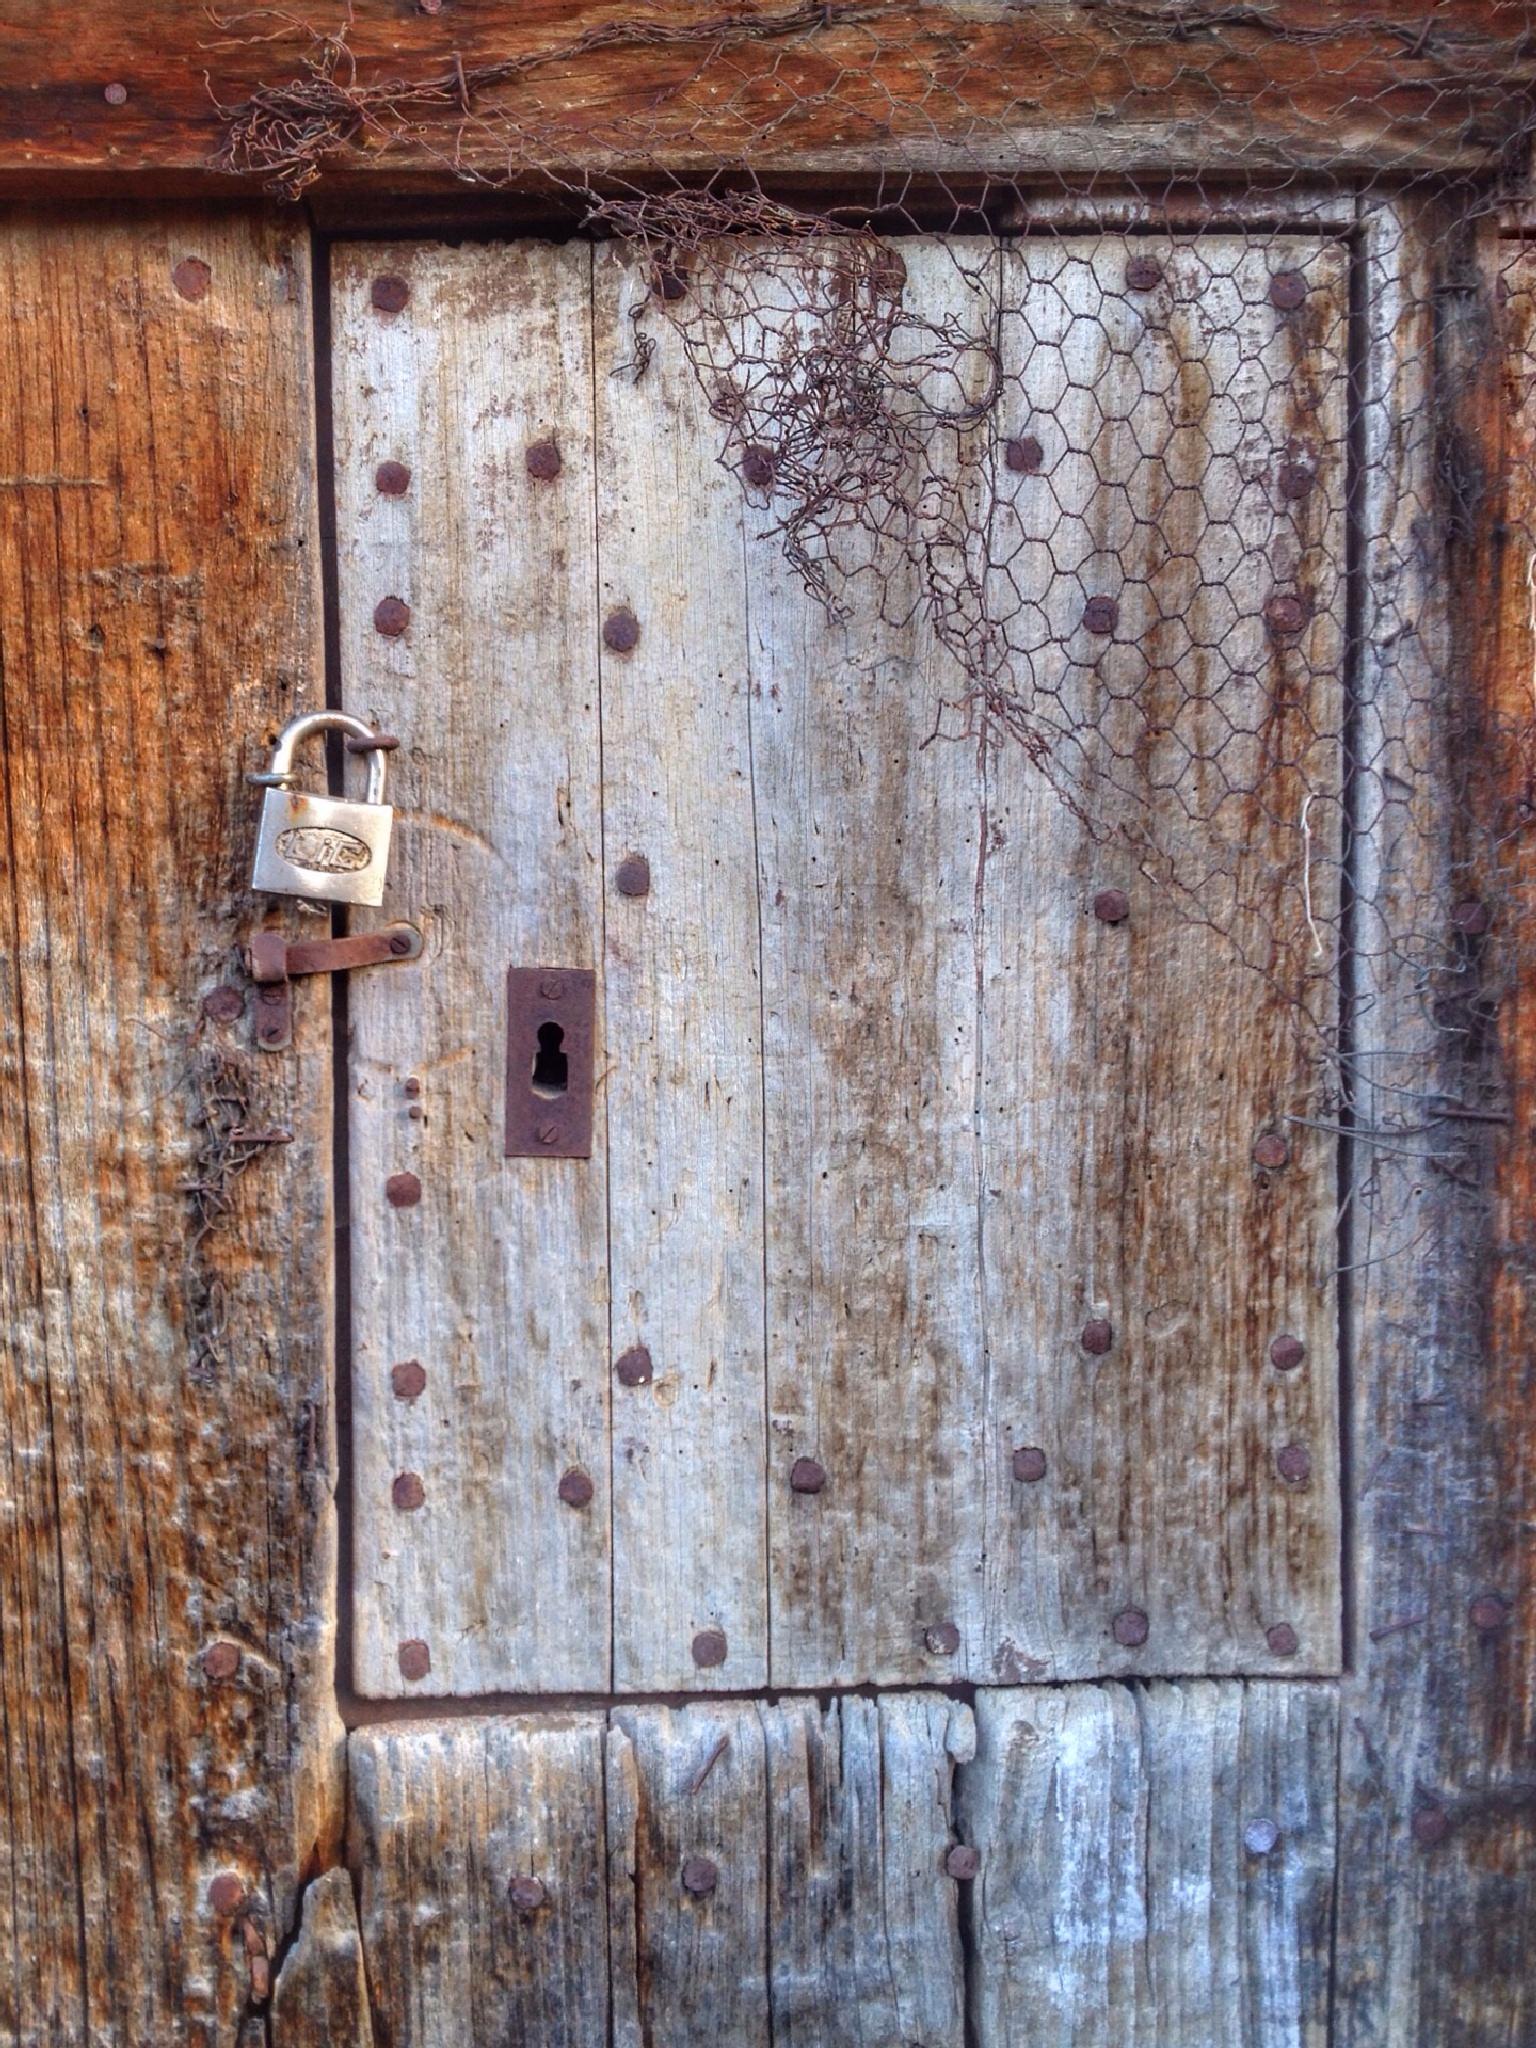 Porta tancada by www.miquelrossy.com